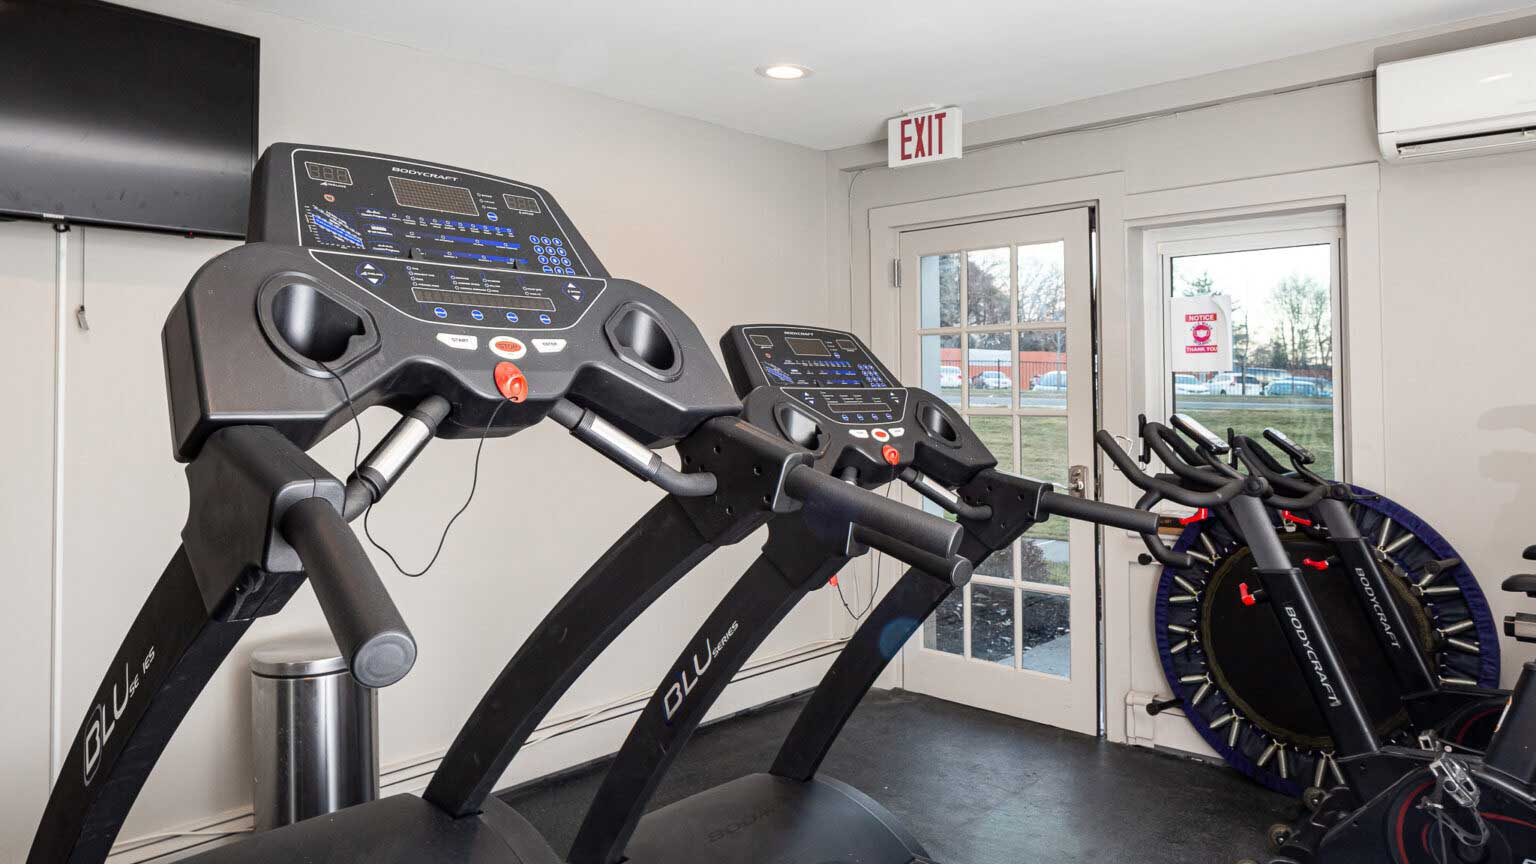 Cardio Equipment's at River Edge at Nyack Apartments in Nyack, NY